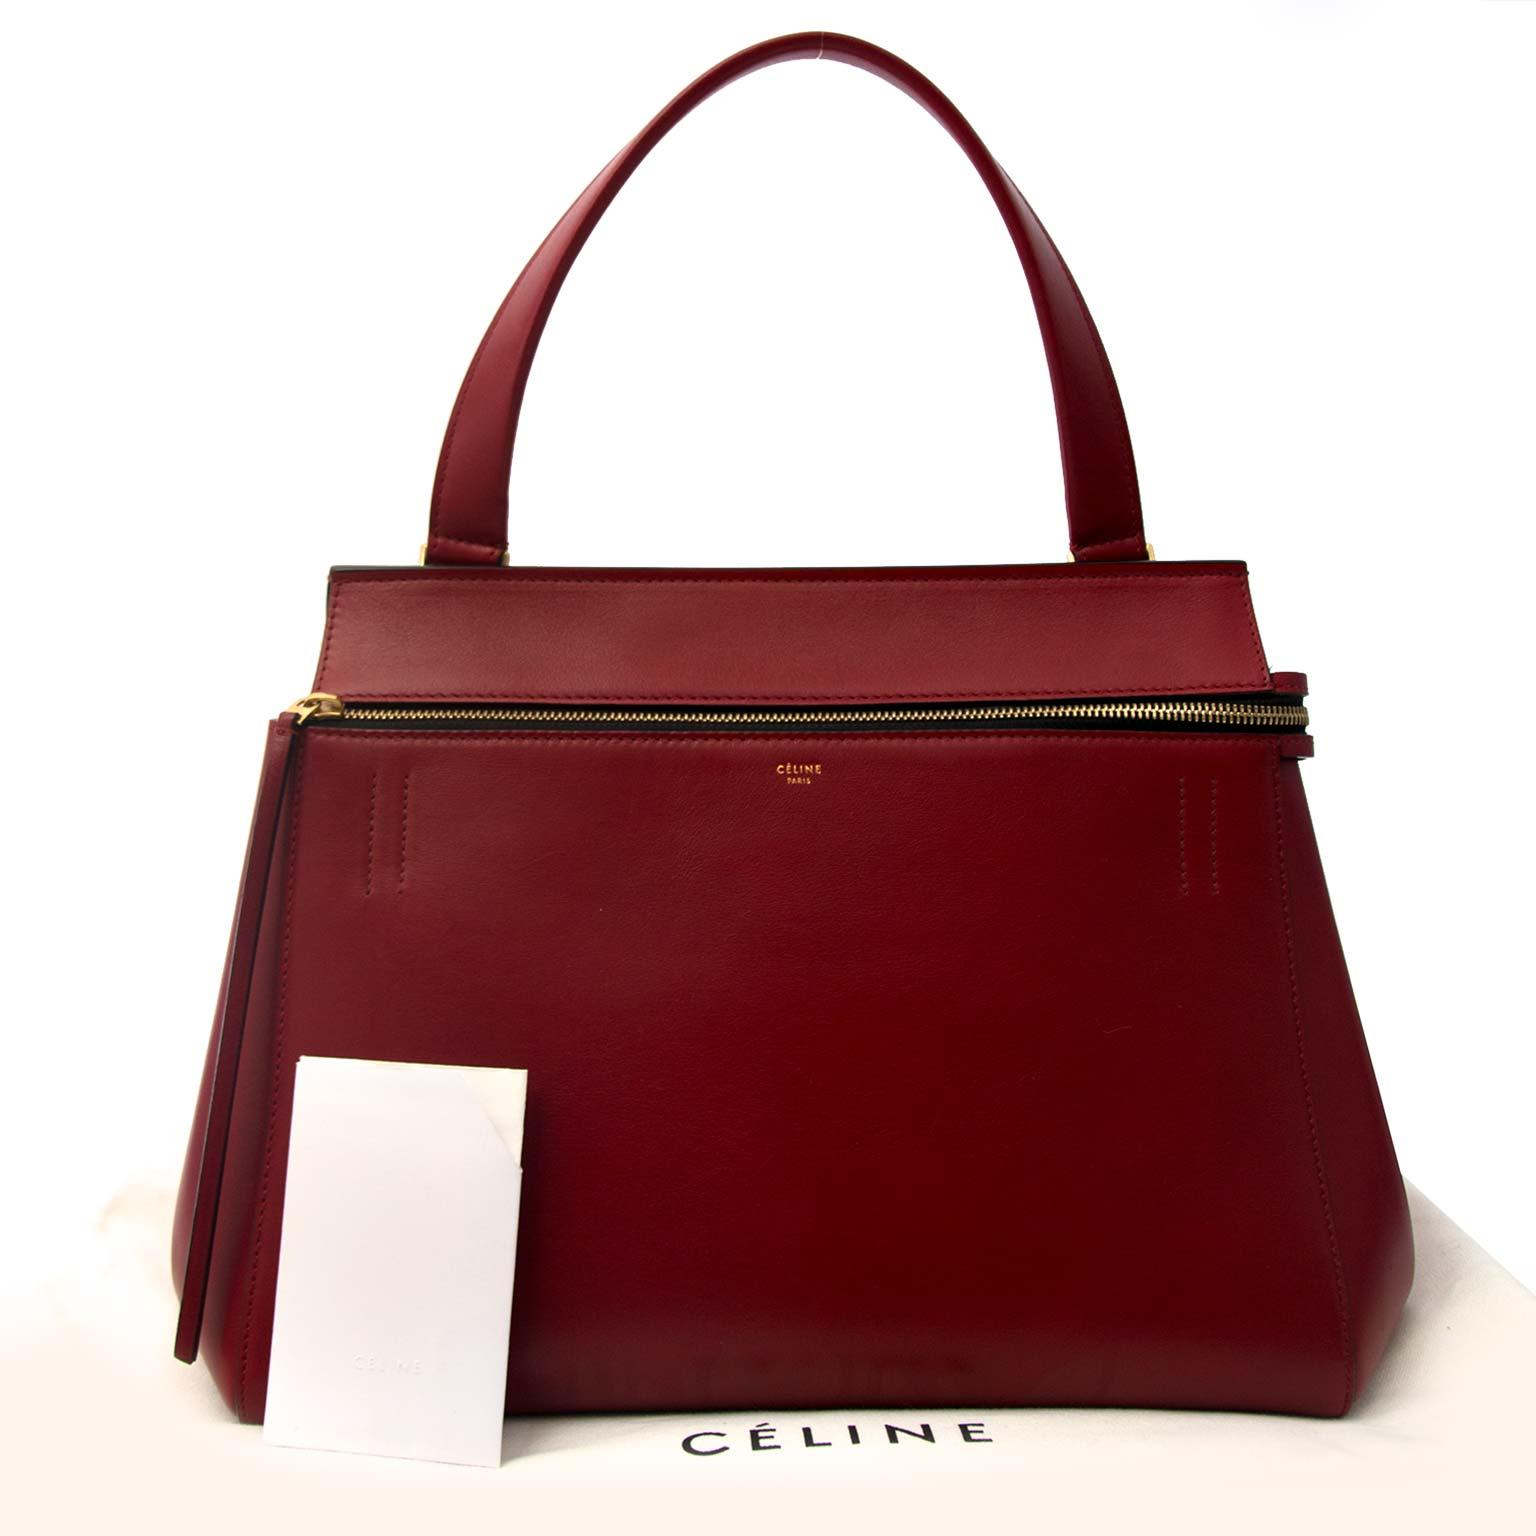 koop veiilg online tegen de beste prijs Celine Red Boxcalf Edge Bag